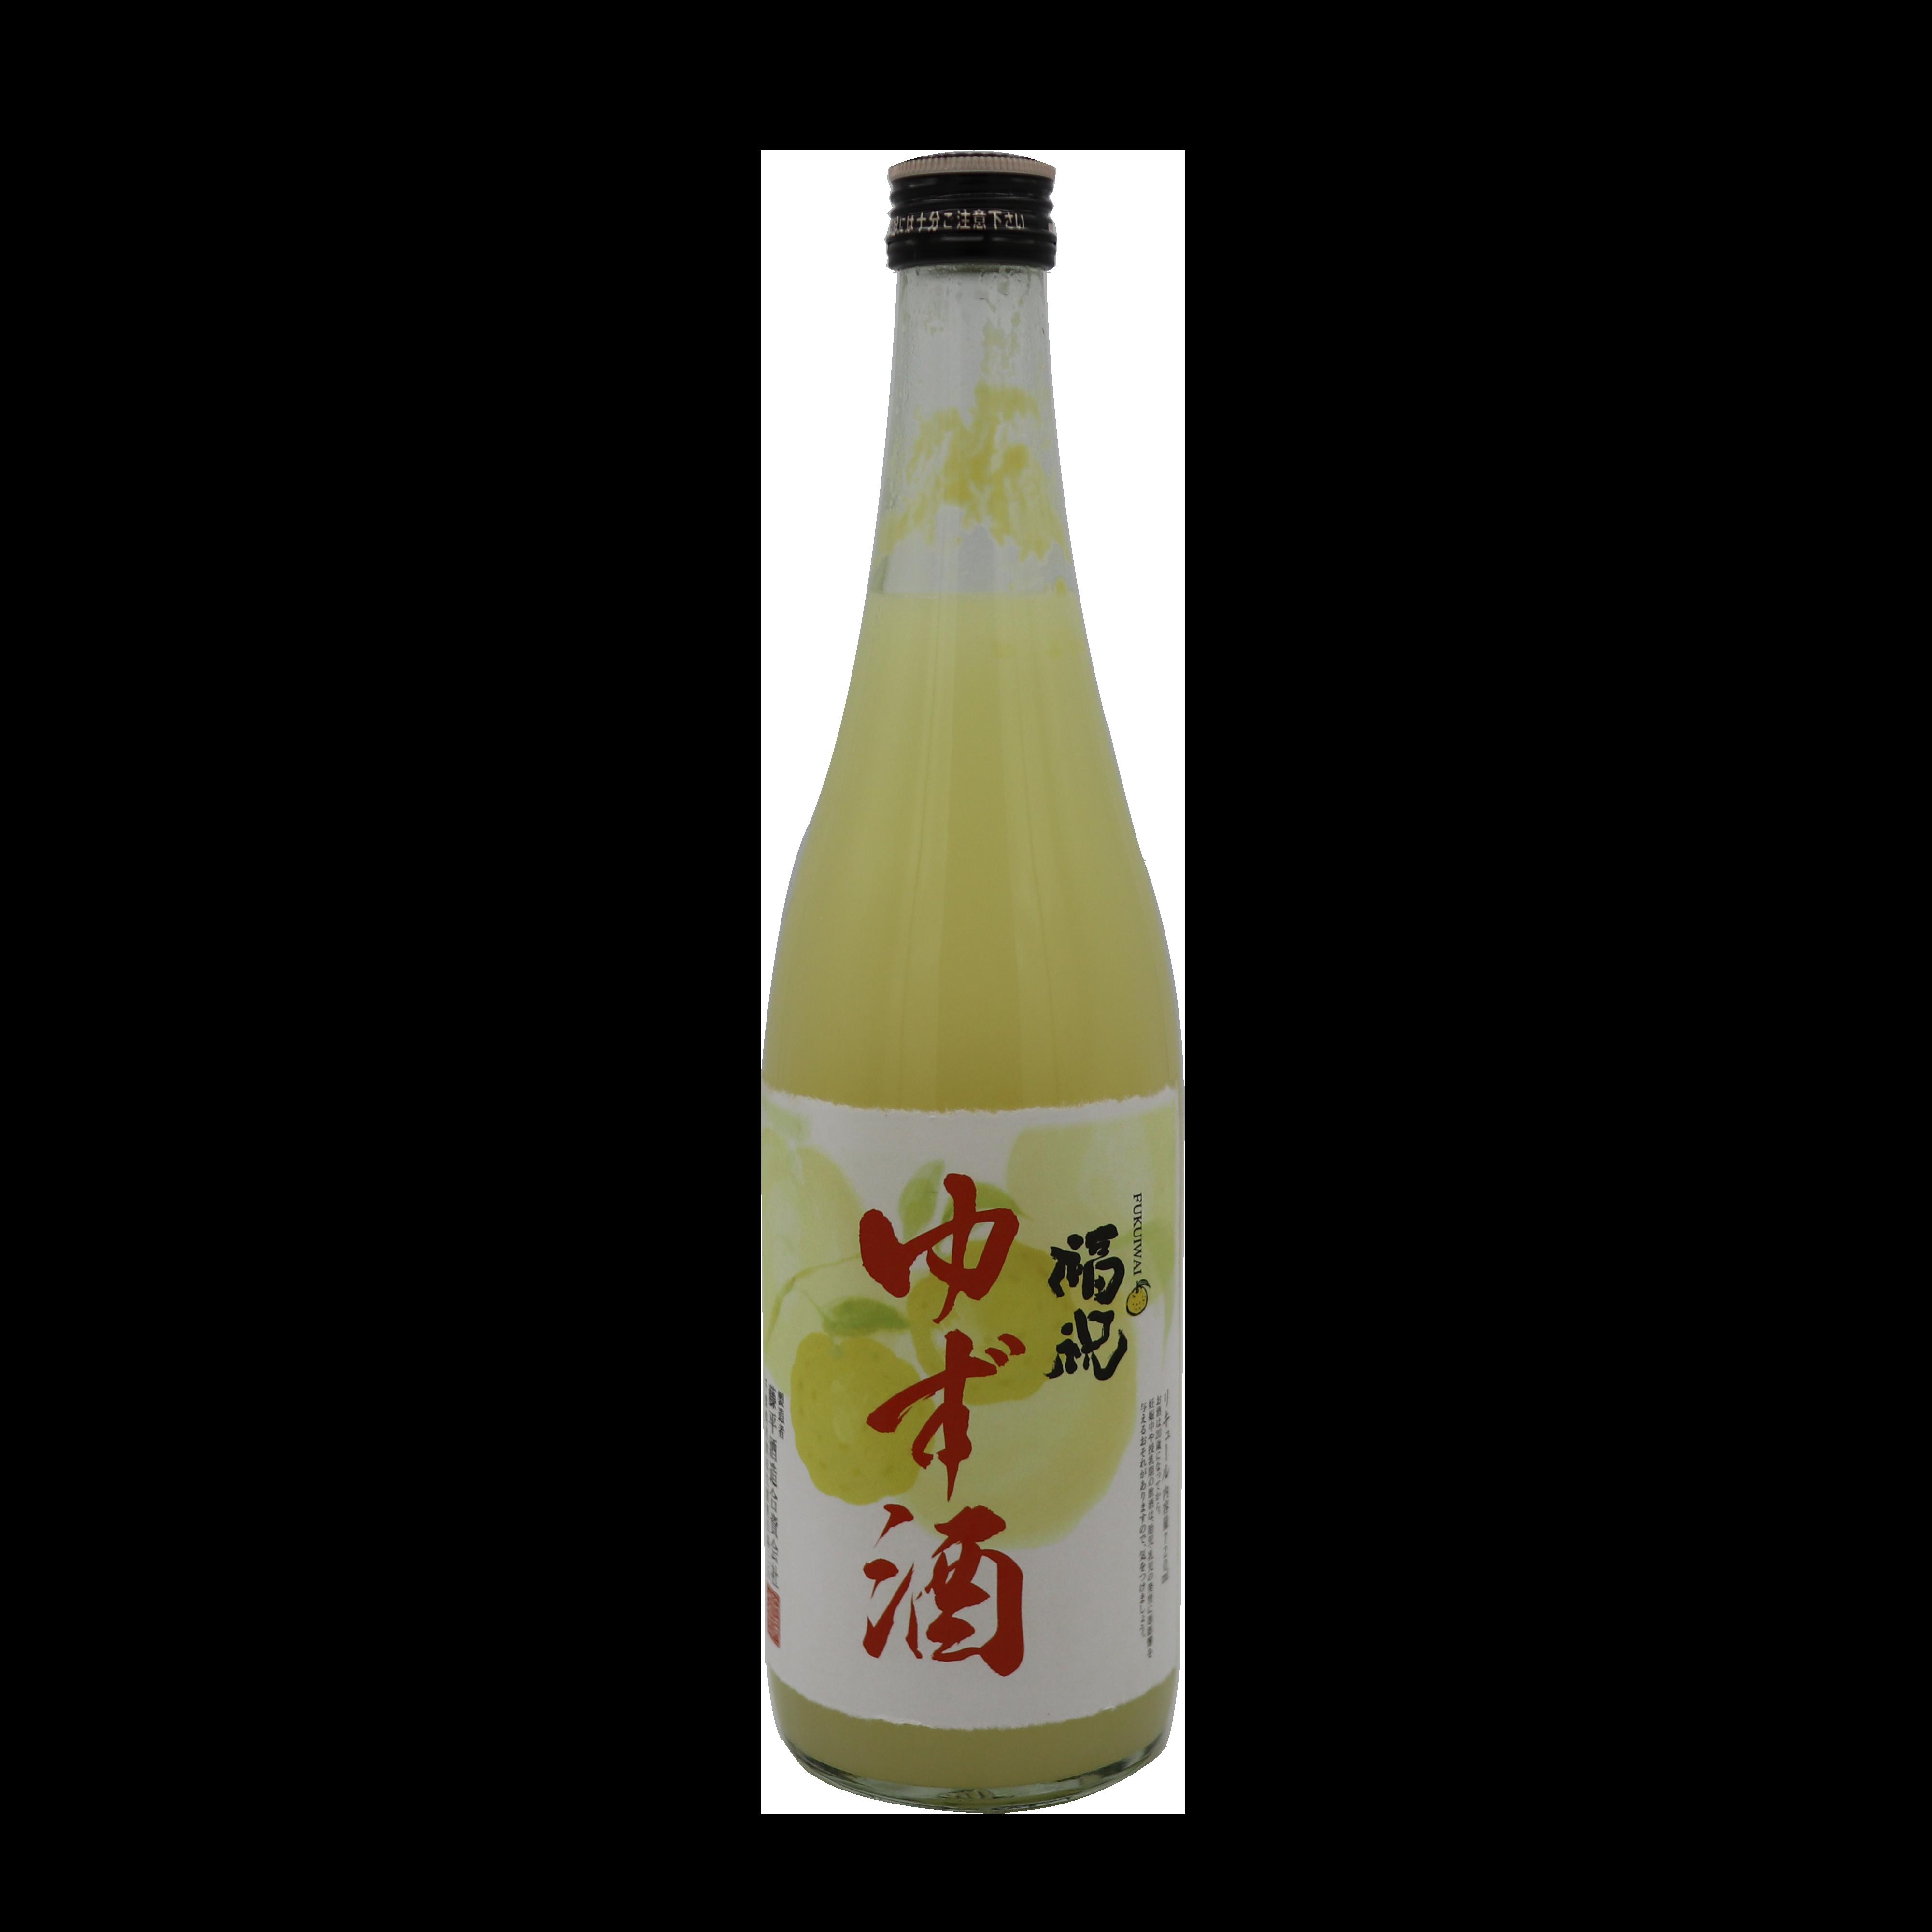 Fukuiwai Yuzushu